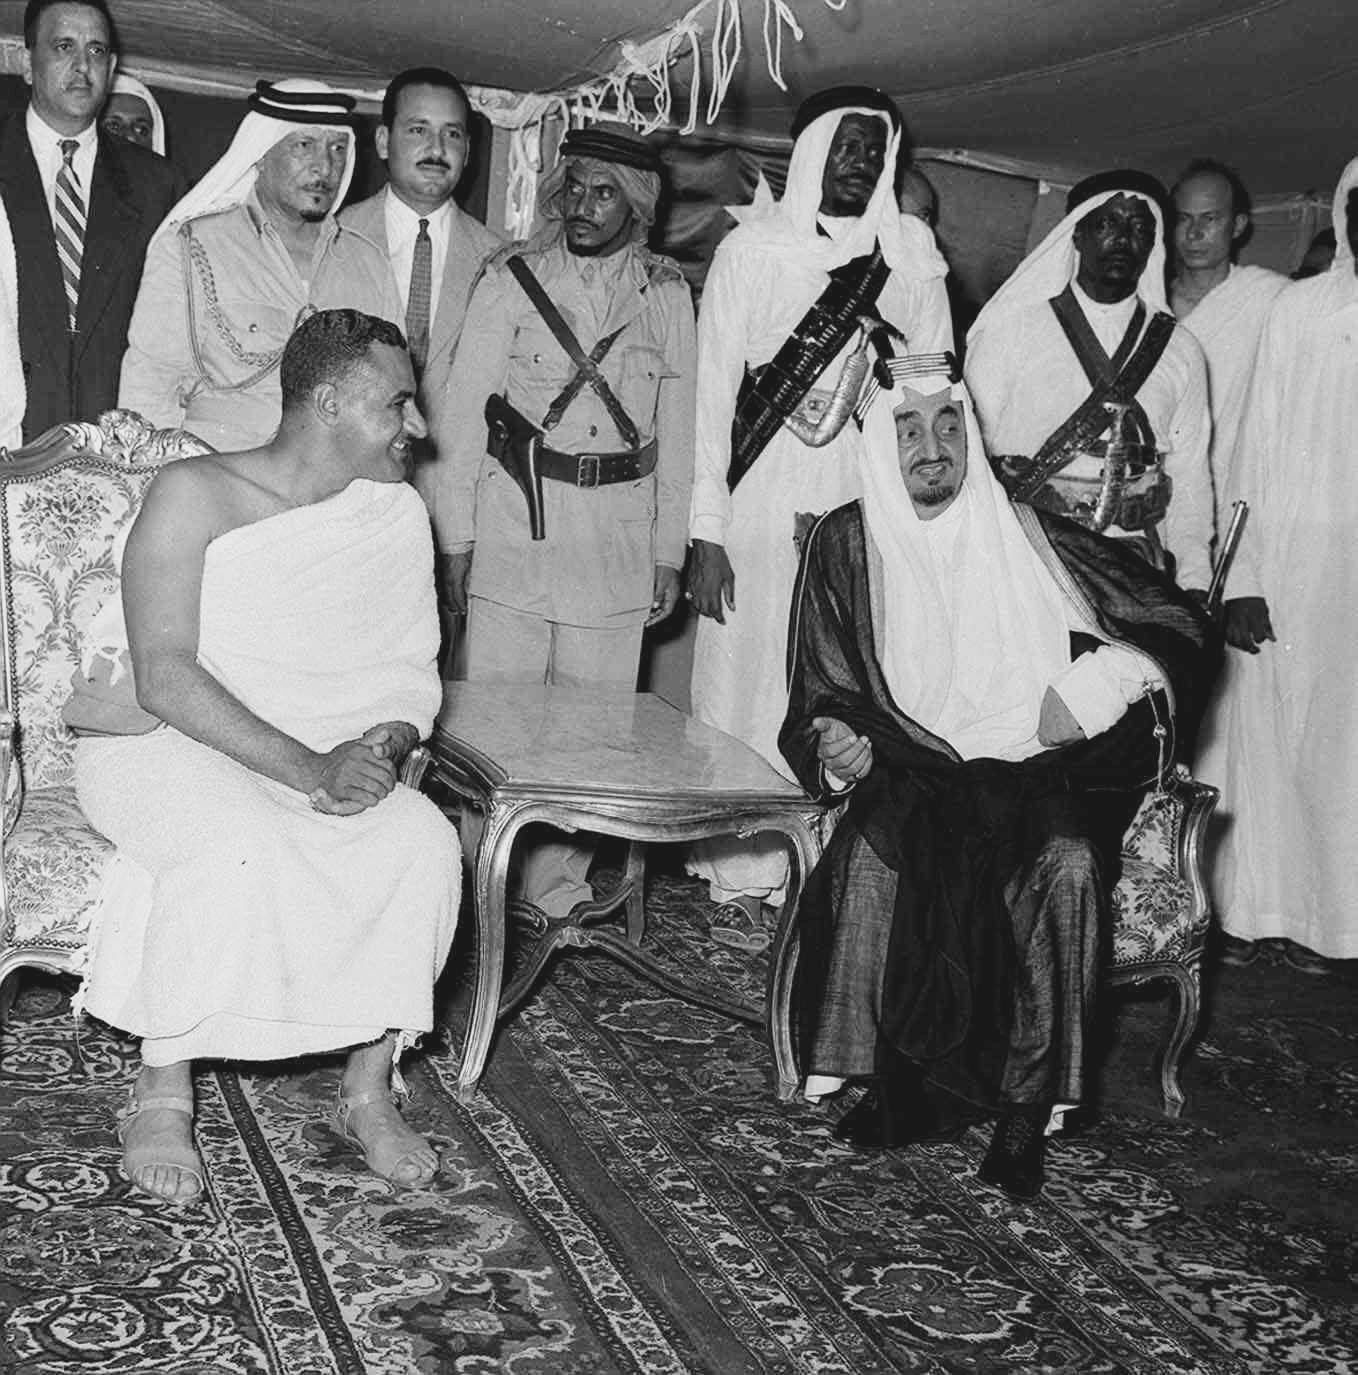 الزعيم جمال عبد الناصر بملابس الإحرام و الملك فيصل بن عبد العزيز Gamal Abdel Nasser King Faisal Egypt